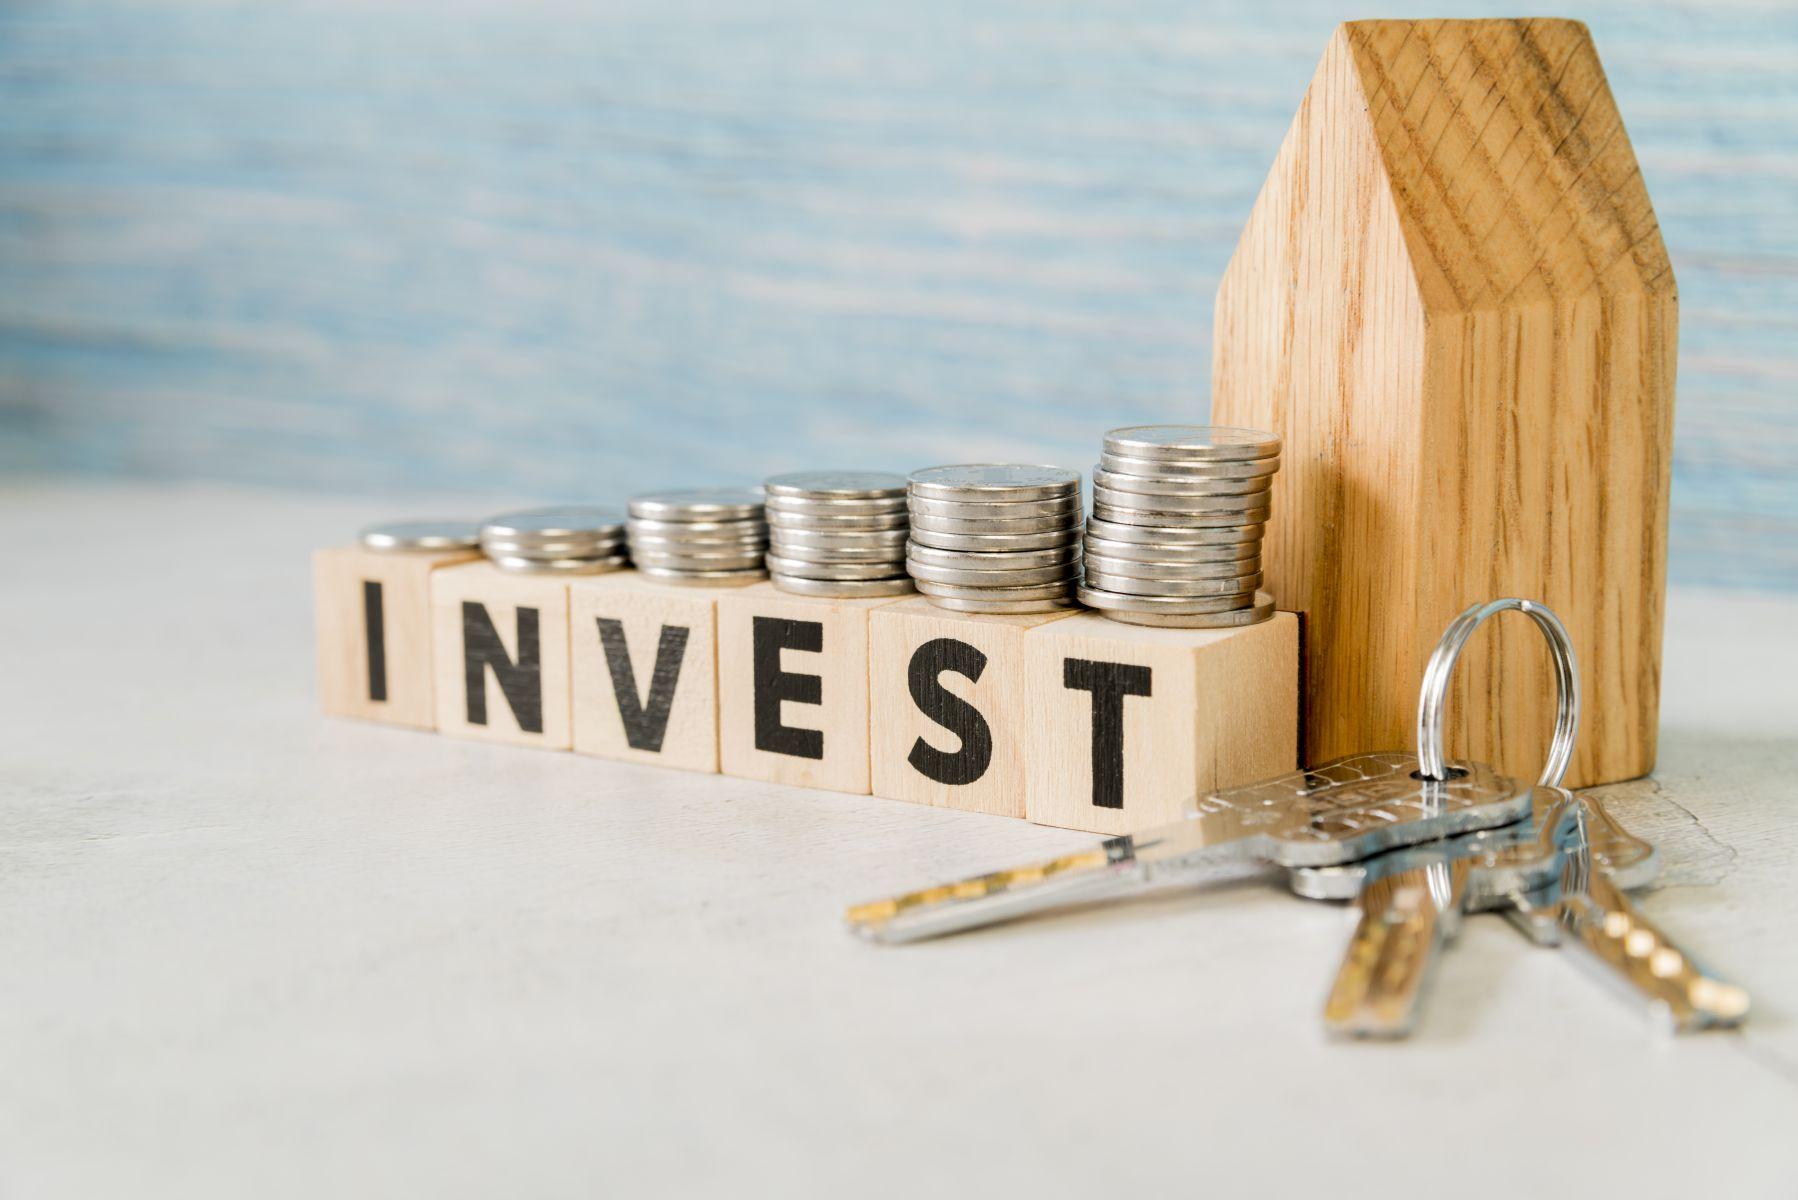 投資賺錢的關鍵不是進場點,而是進場後的交易行為